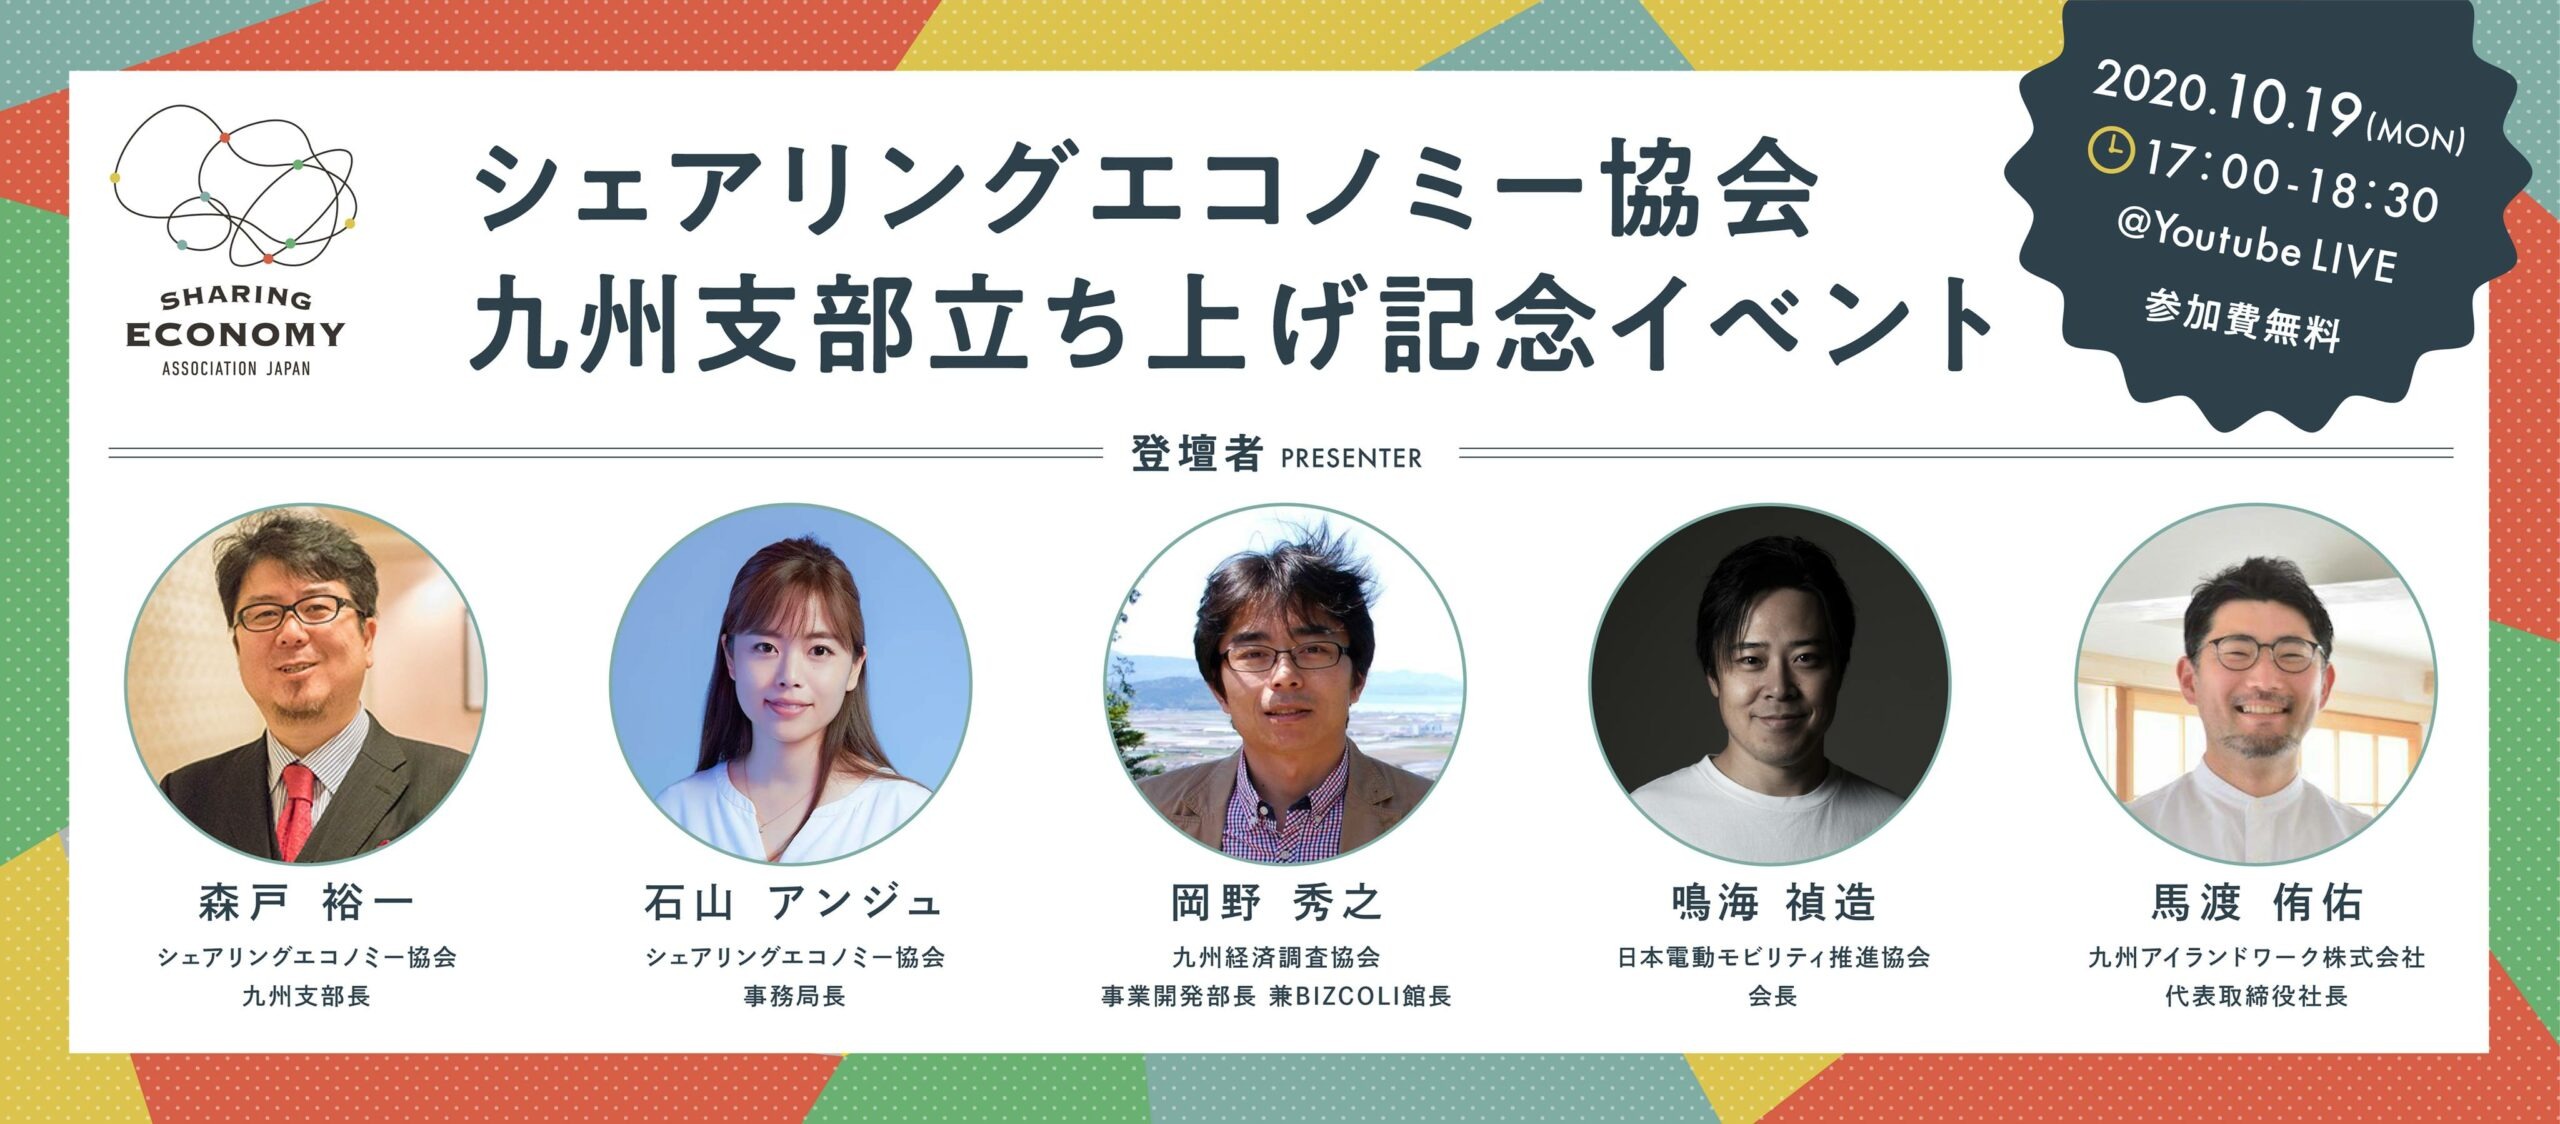 【開催レポート】九州支部立ち上げイベント